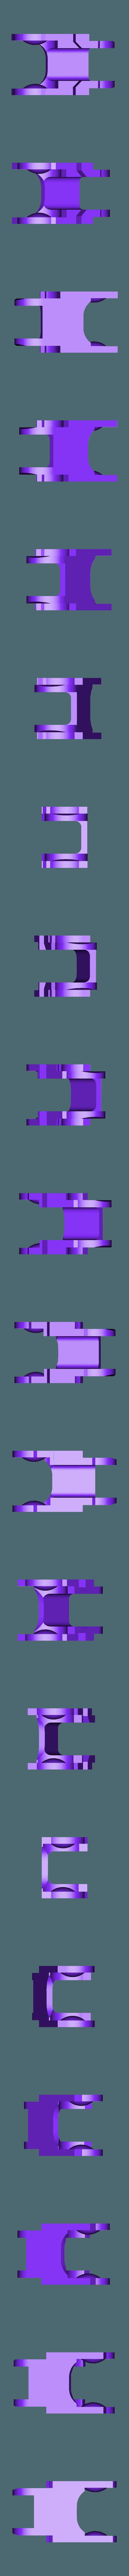 in1010.stl Télécharger fichier STL gratuit chaîne de traînage 10x10 • Design imprimable en 3D, raffosan